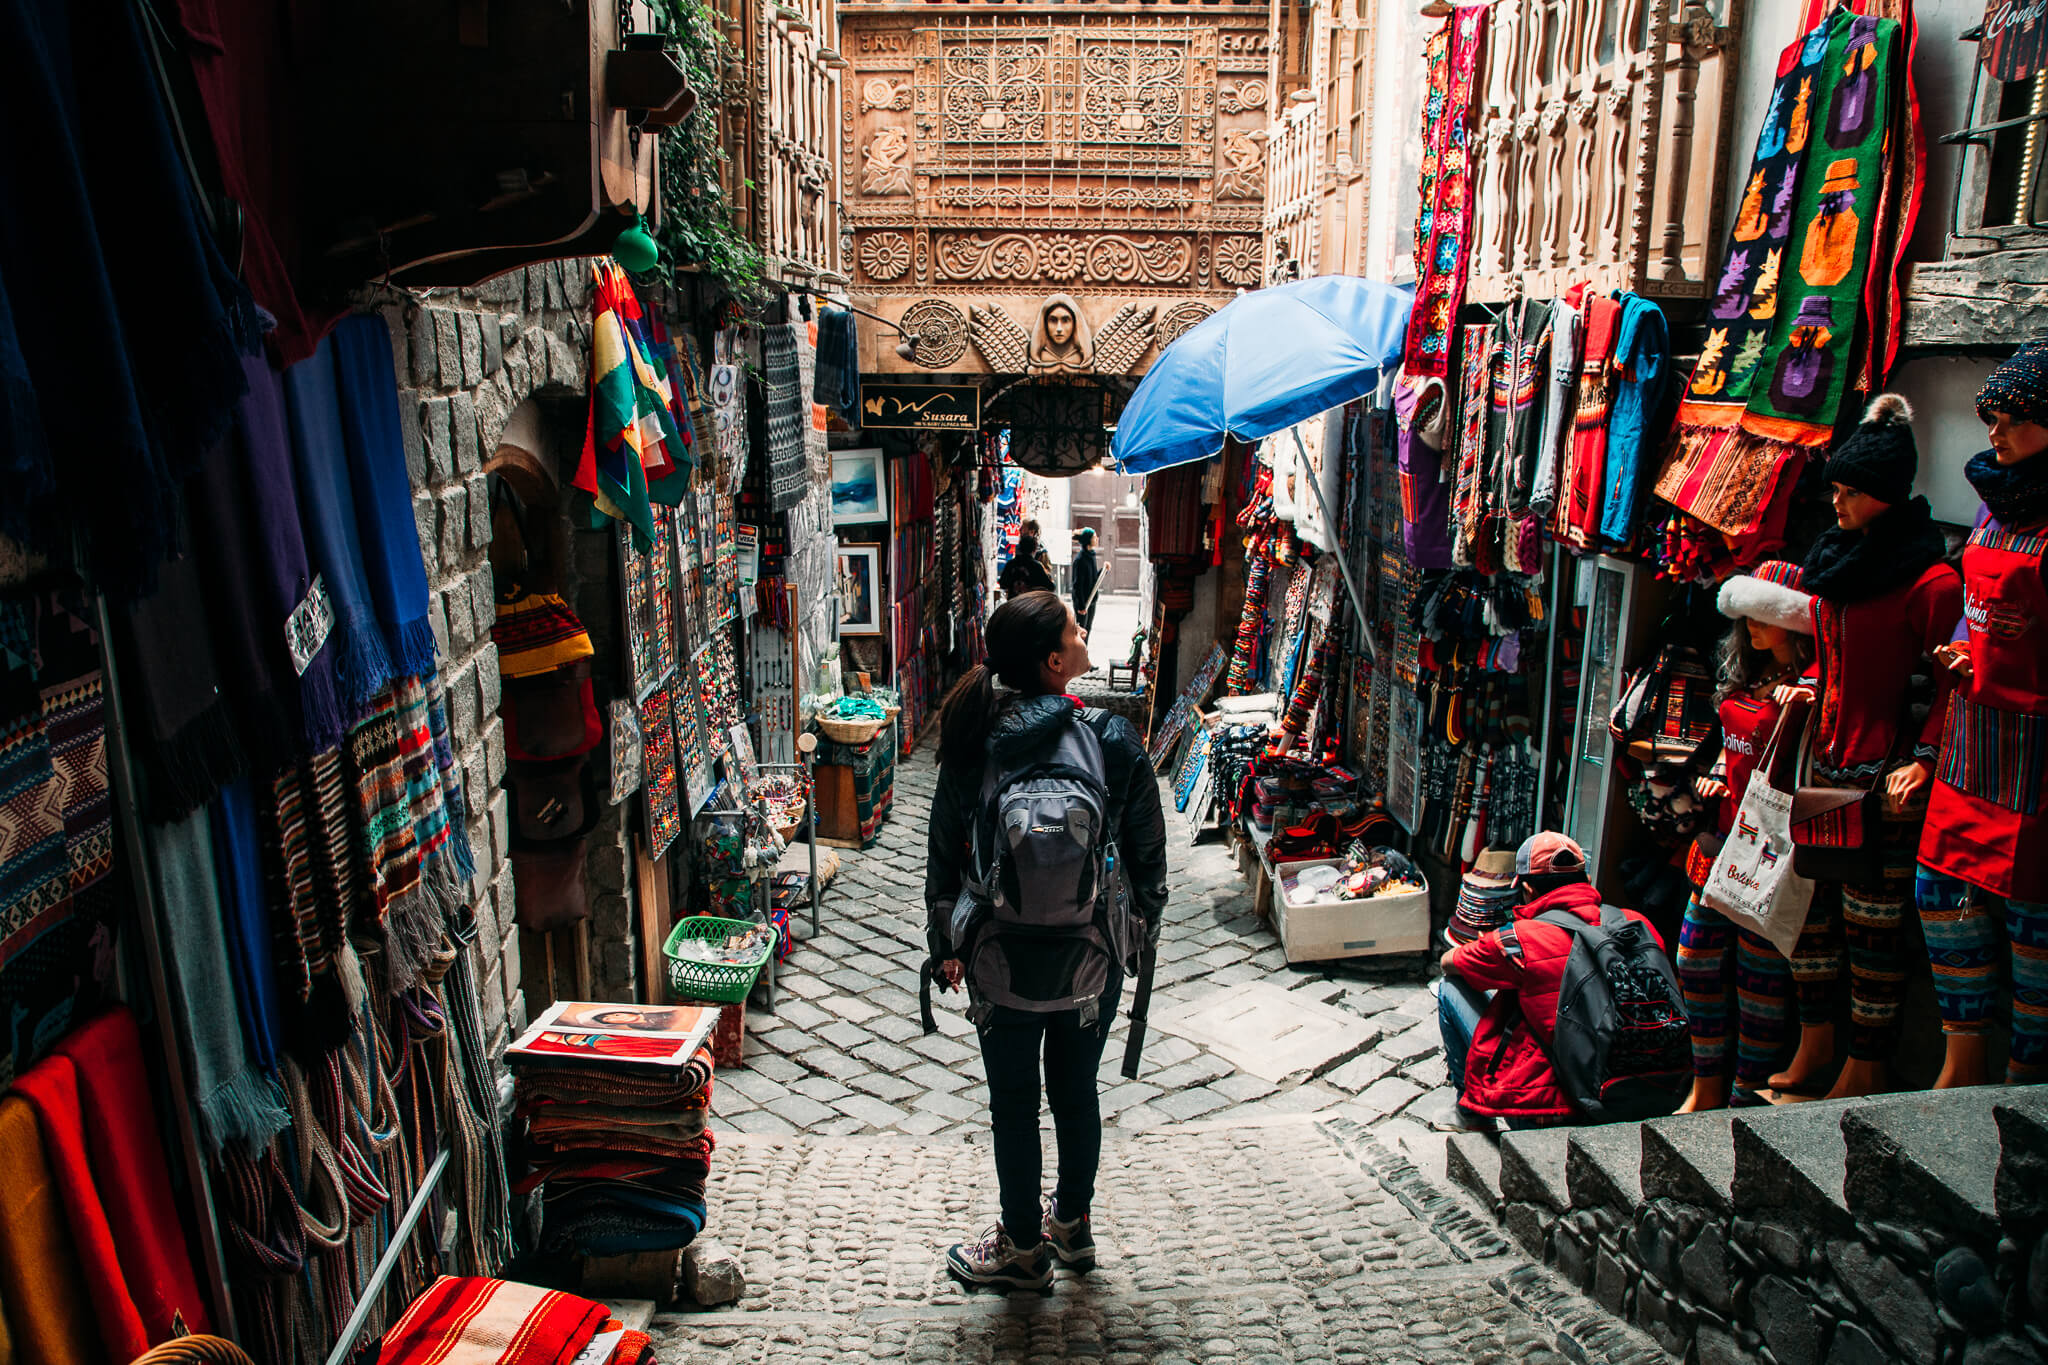 Galeria do Mercado das Bruxas de La Paz